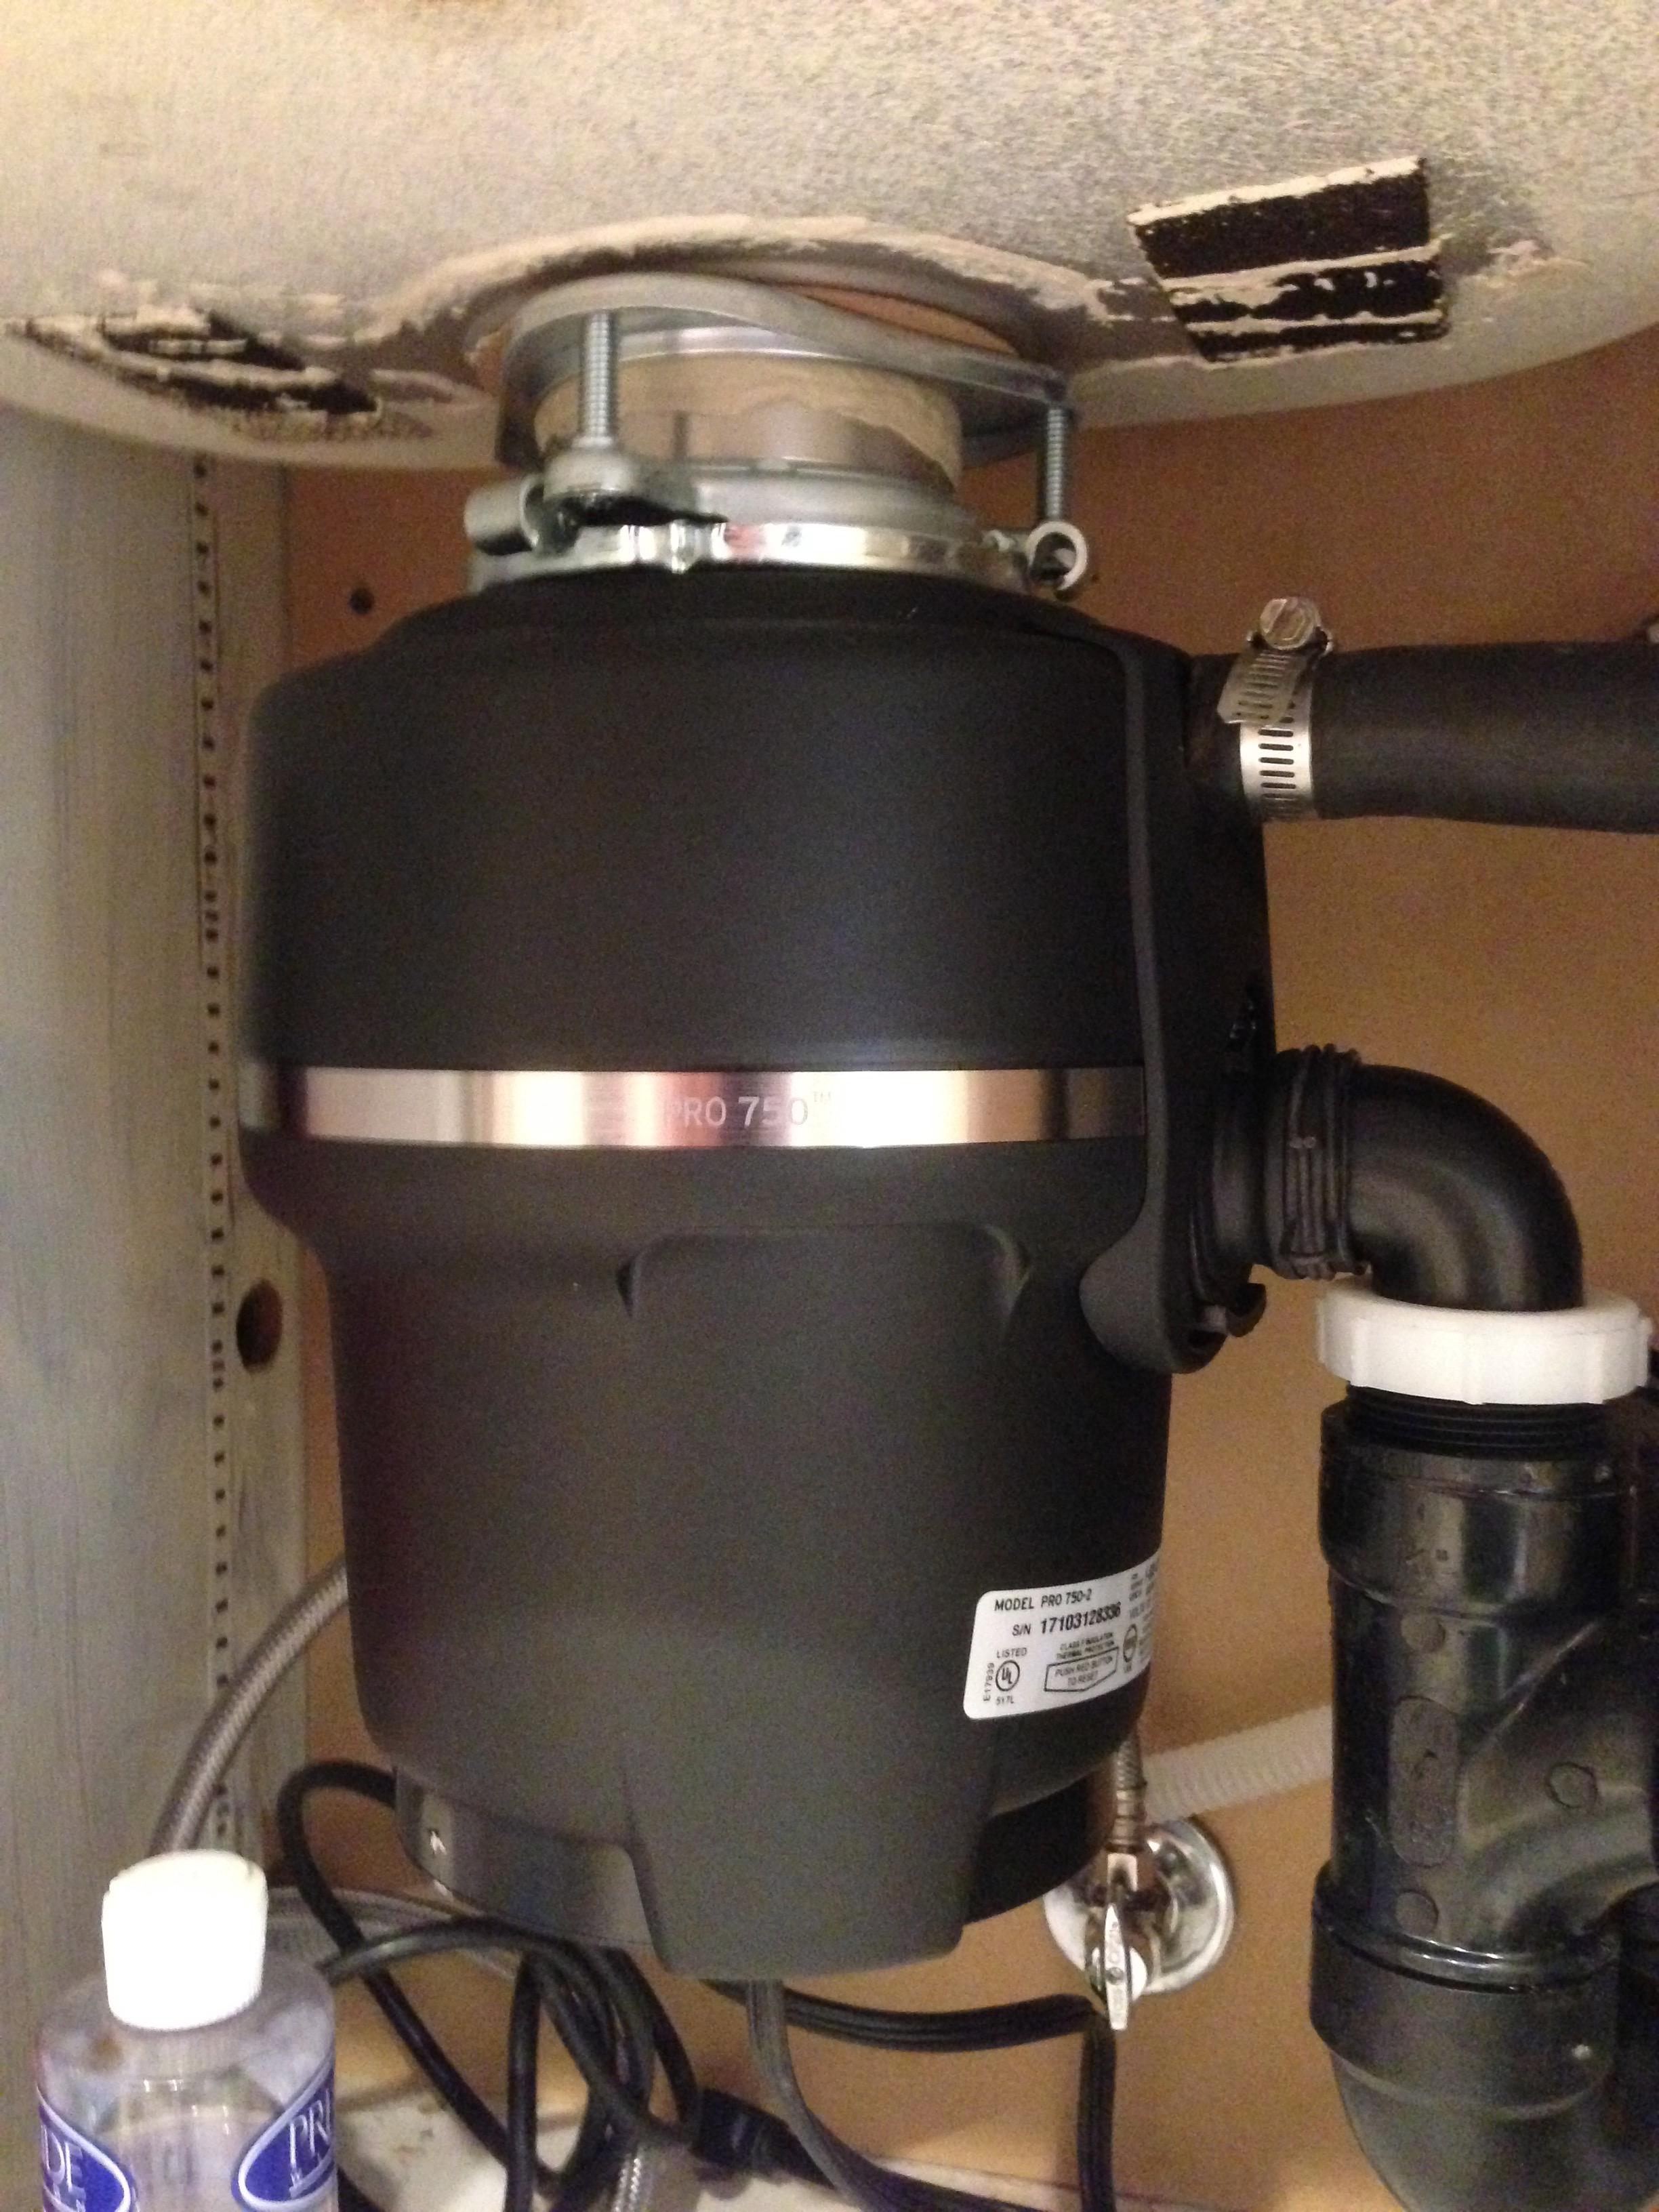 Pro-750 Garbage Disposal